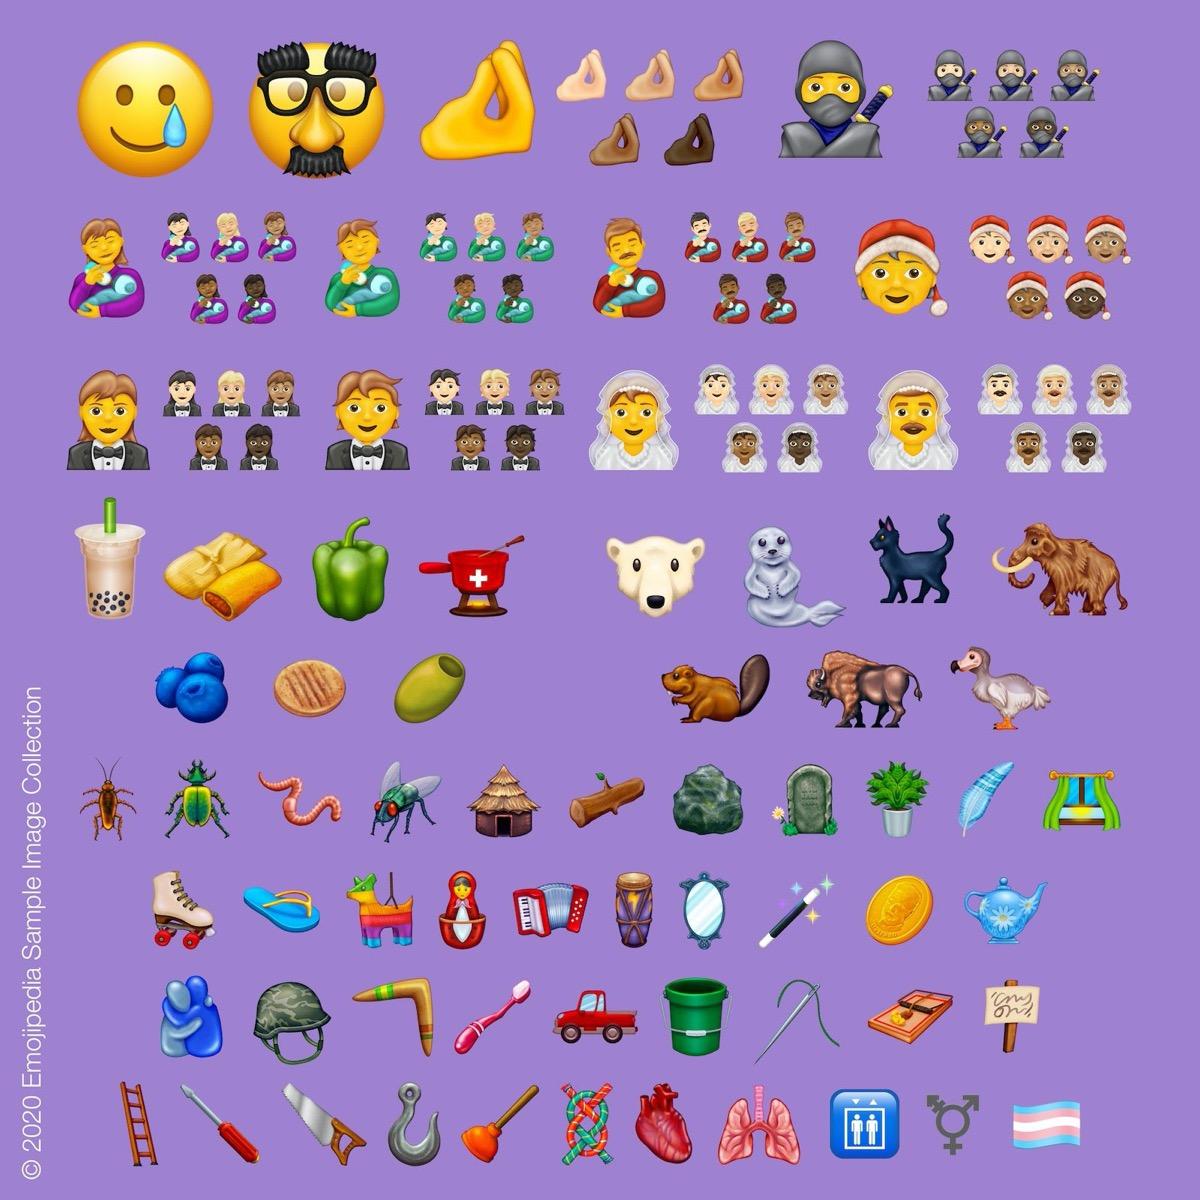 Wann Kommen Die Neuen Emojis Für Android